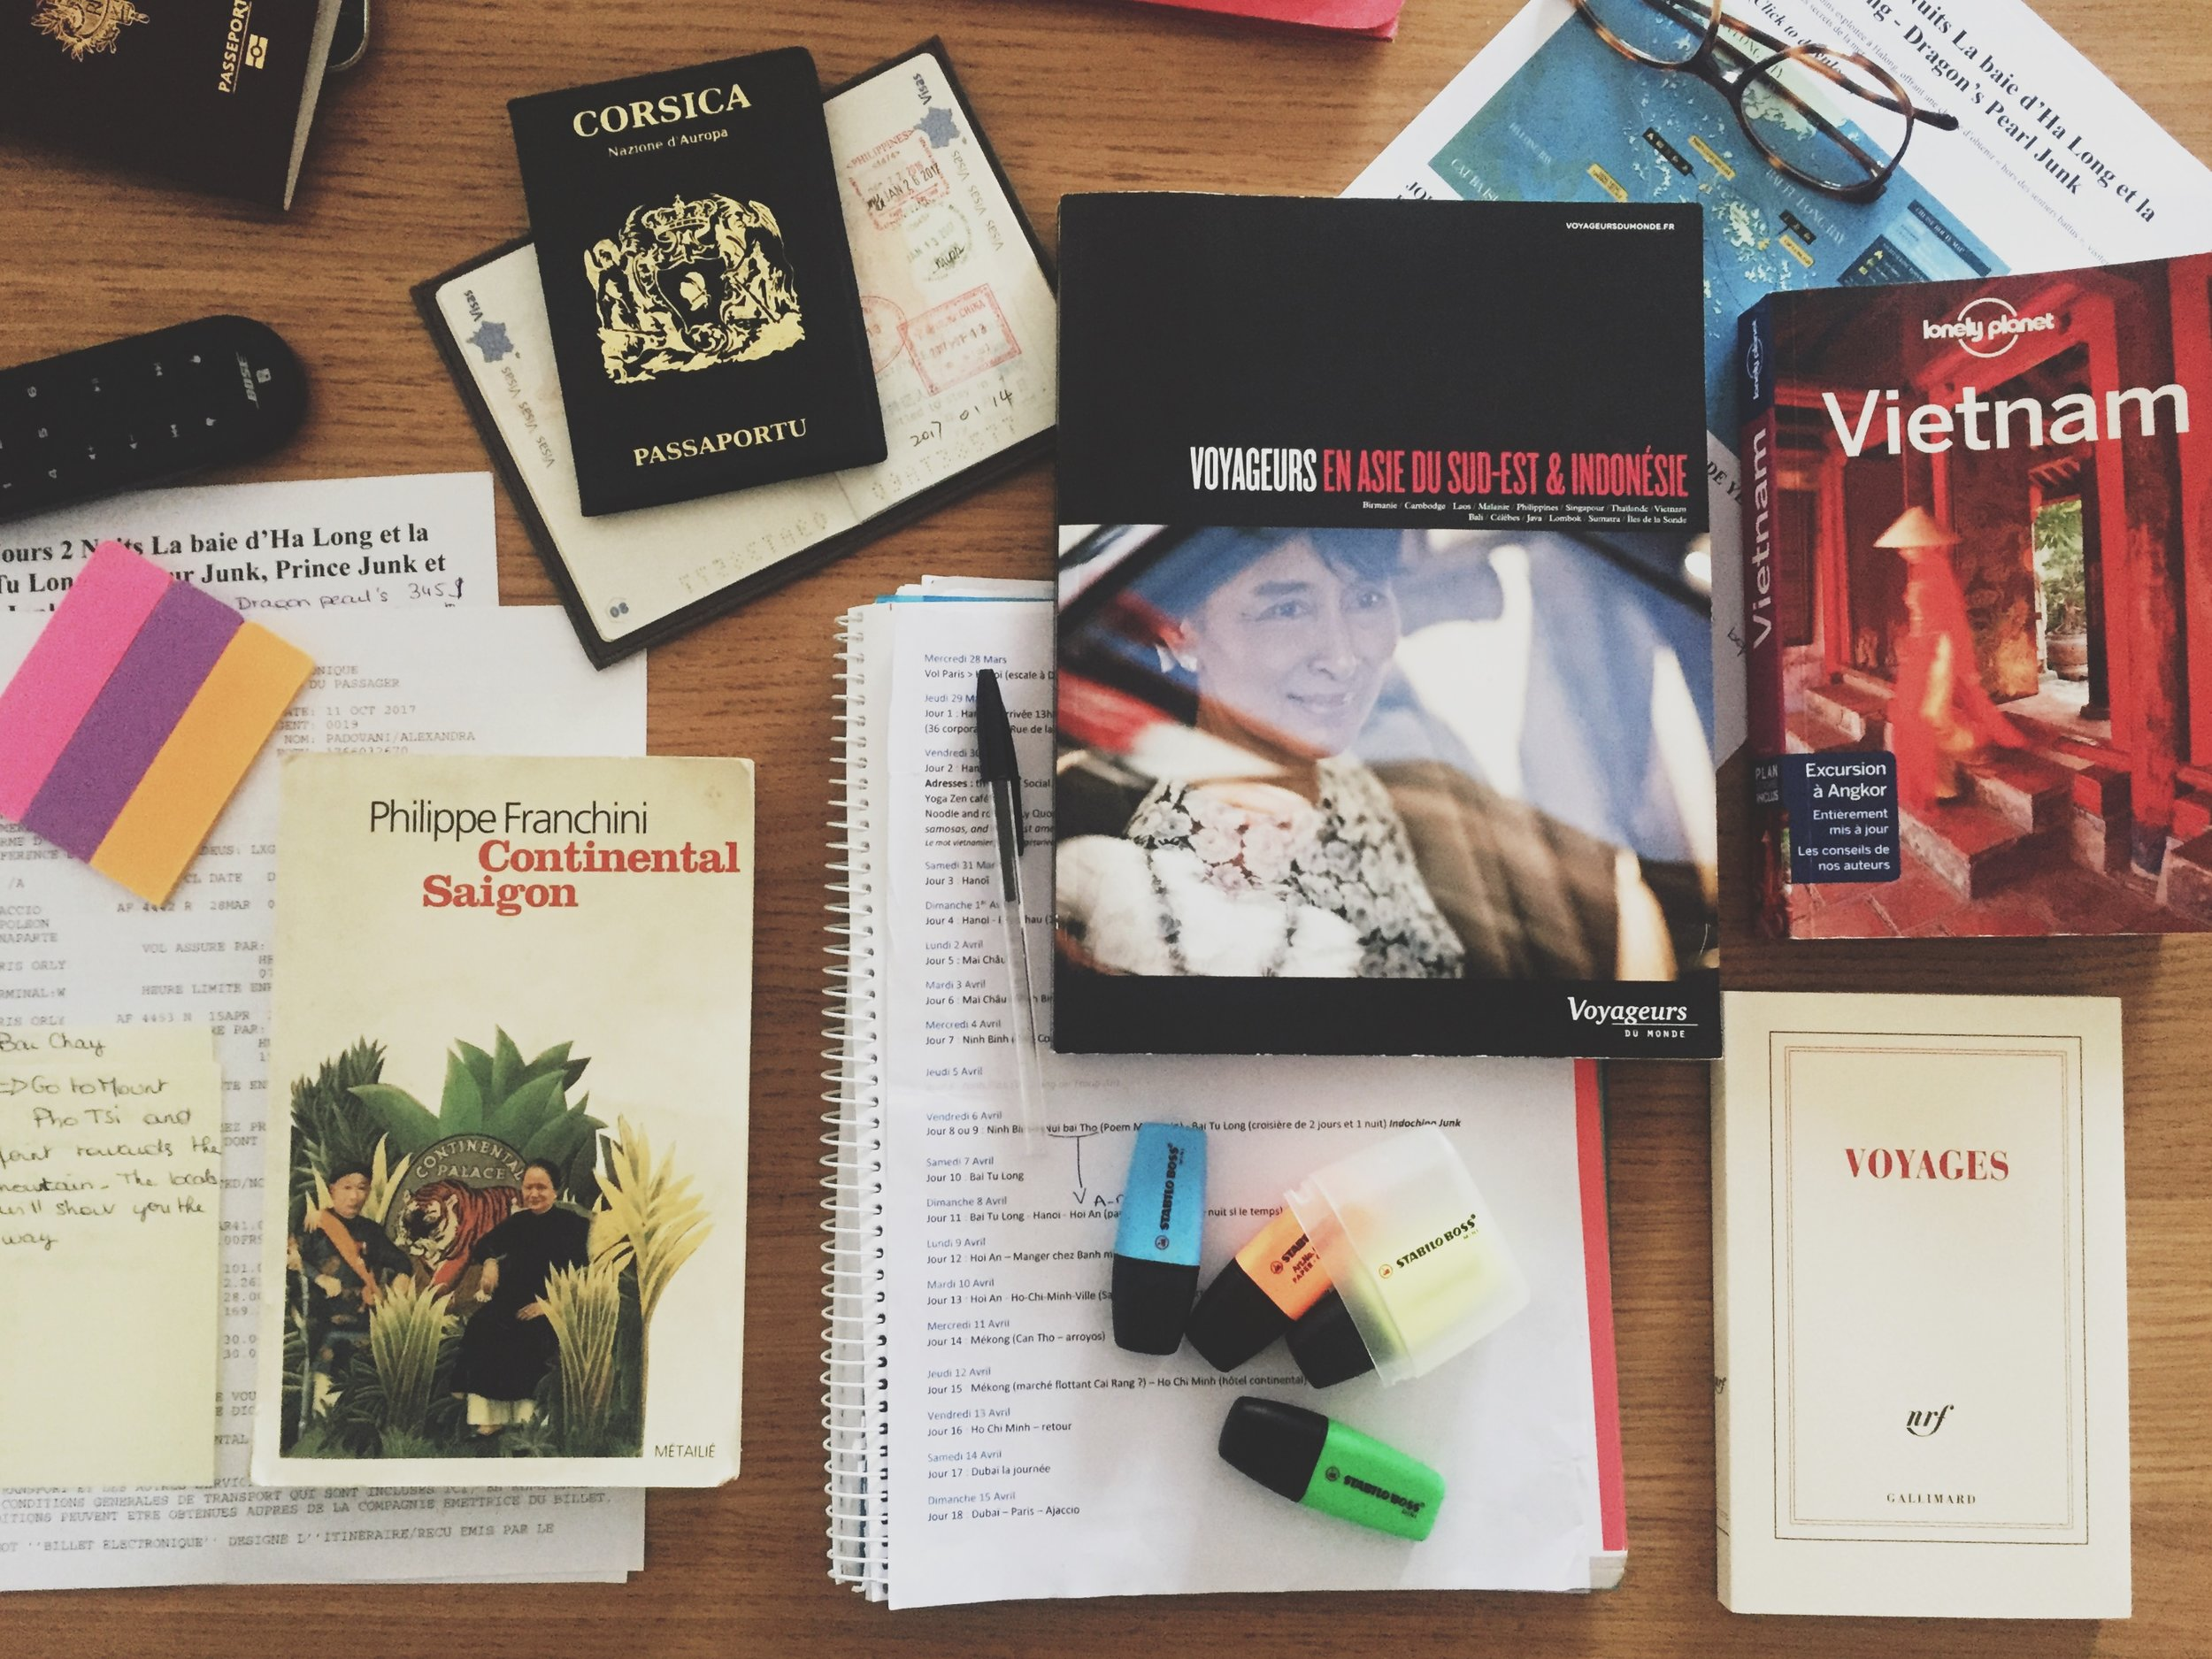 voyage-vietnam-préparation-organiser-itinéraire.JPG